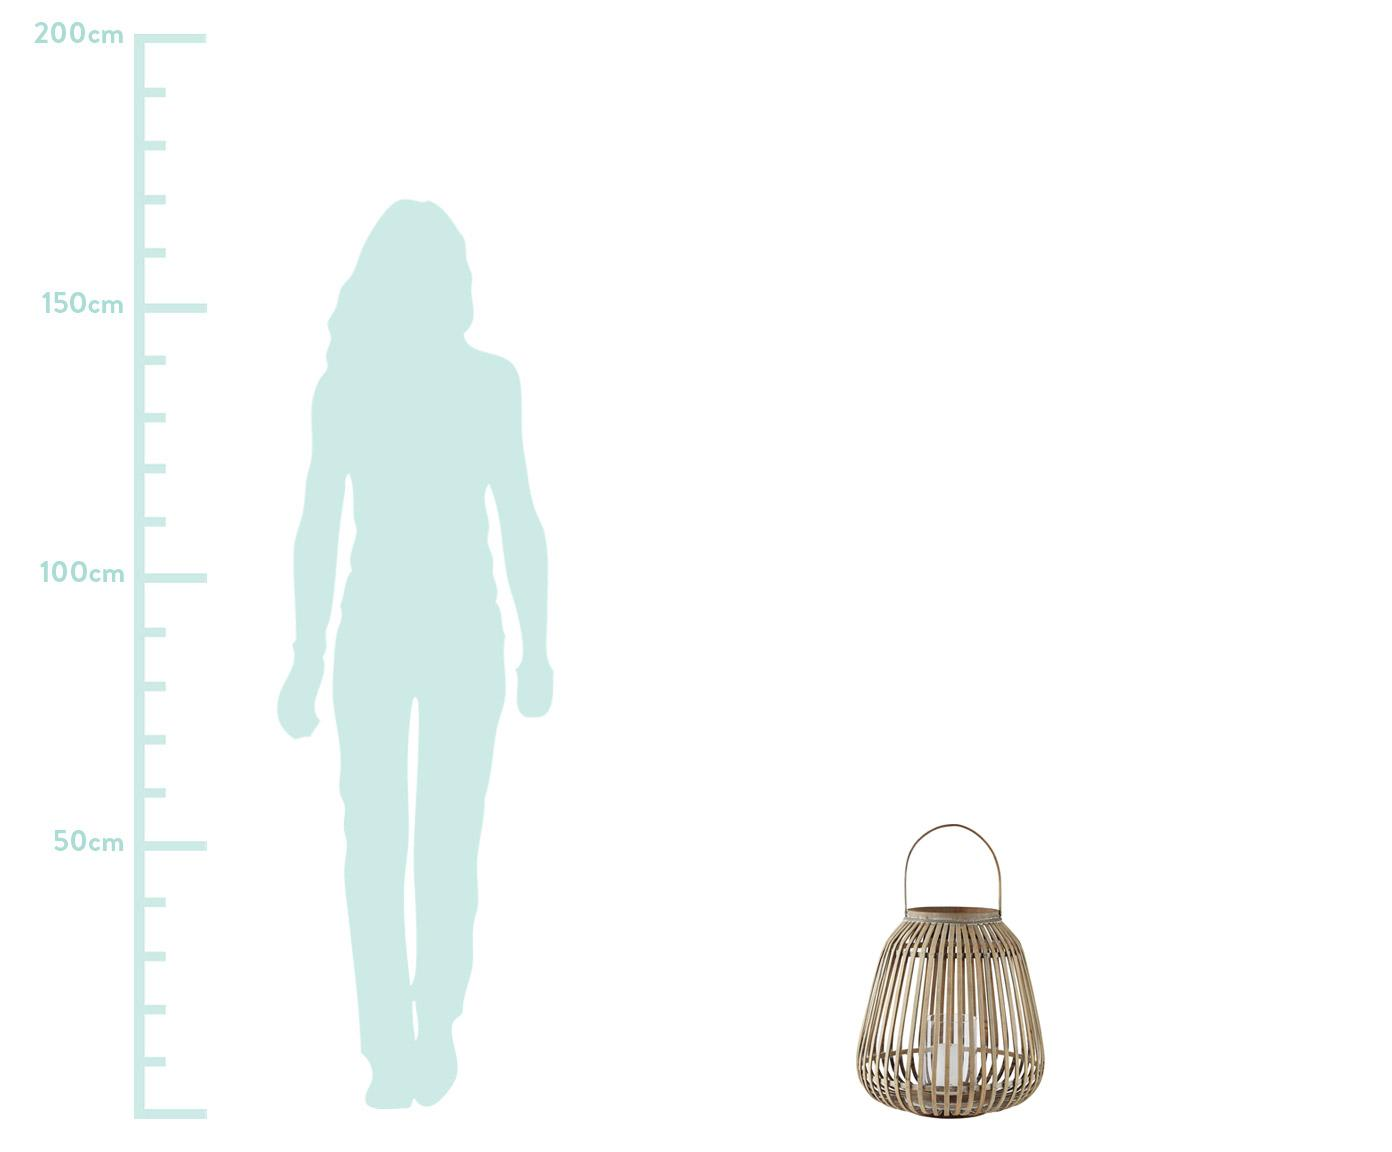 Lantaarn Alma, Frame: bamboehout, Windlicht: glas, Frame: bamboekleurig. Windlicht: transparant, Ø 37 x H 40 cm